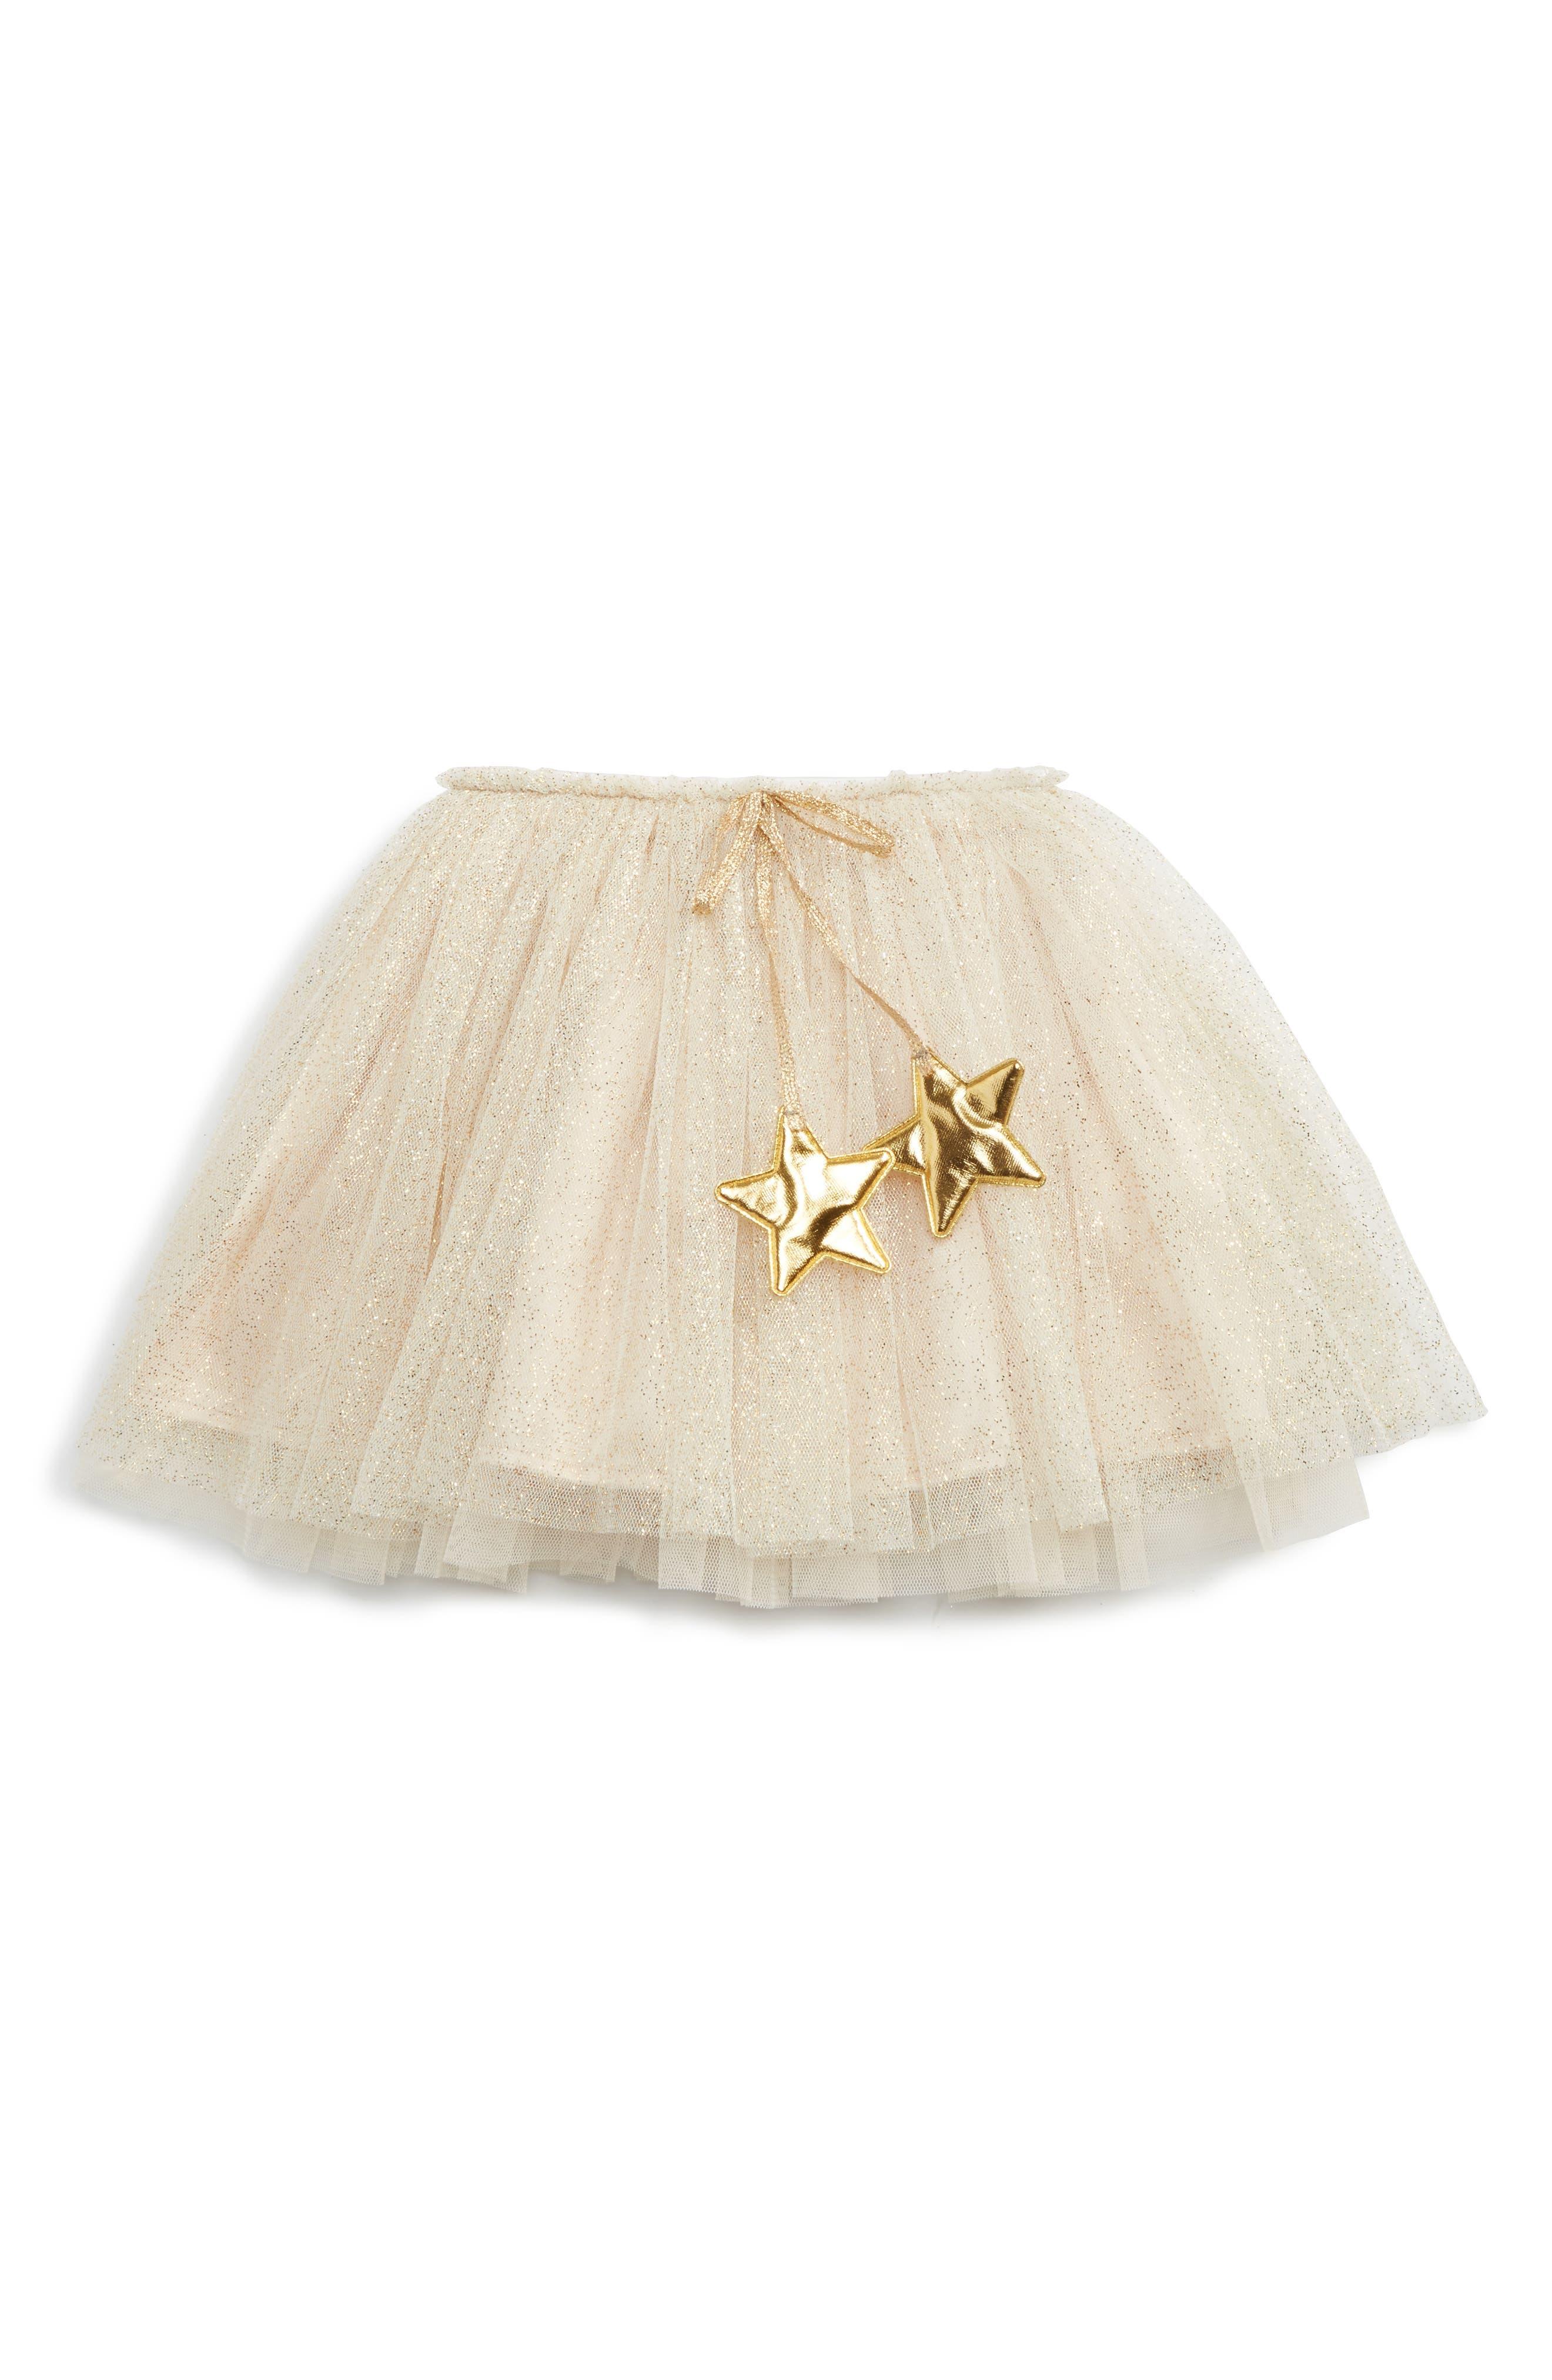 POPATU Gold Glitter Star Tutu, Main, color, 710